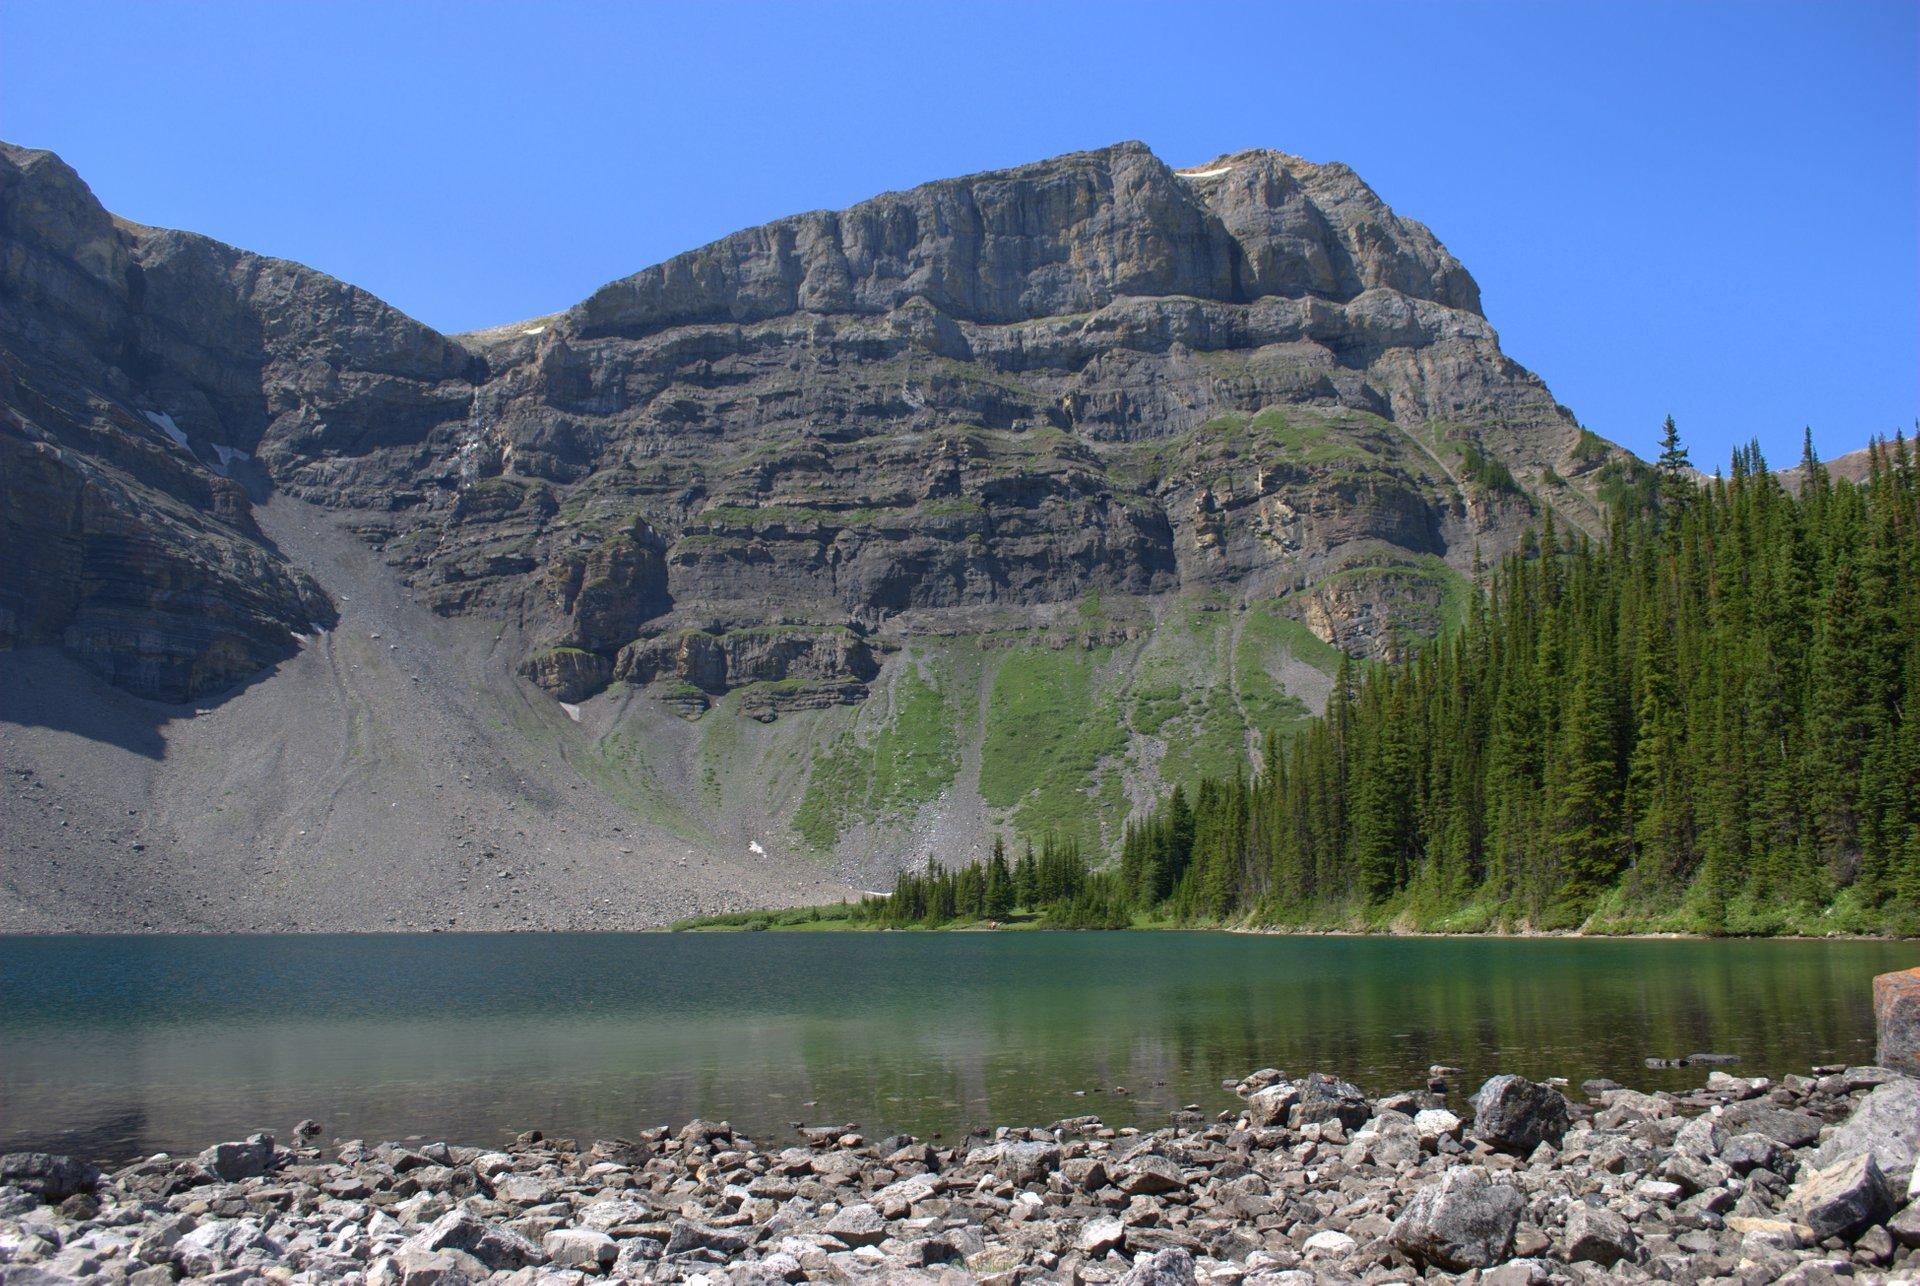 Mt. Bourgeau and Lake Bourgeau 2020